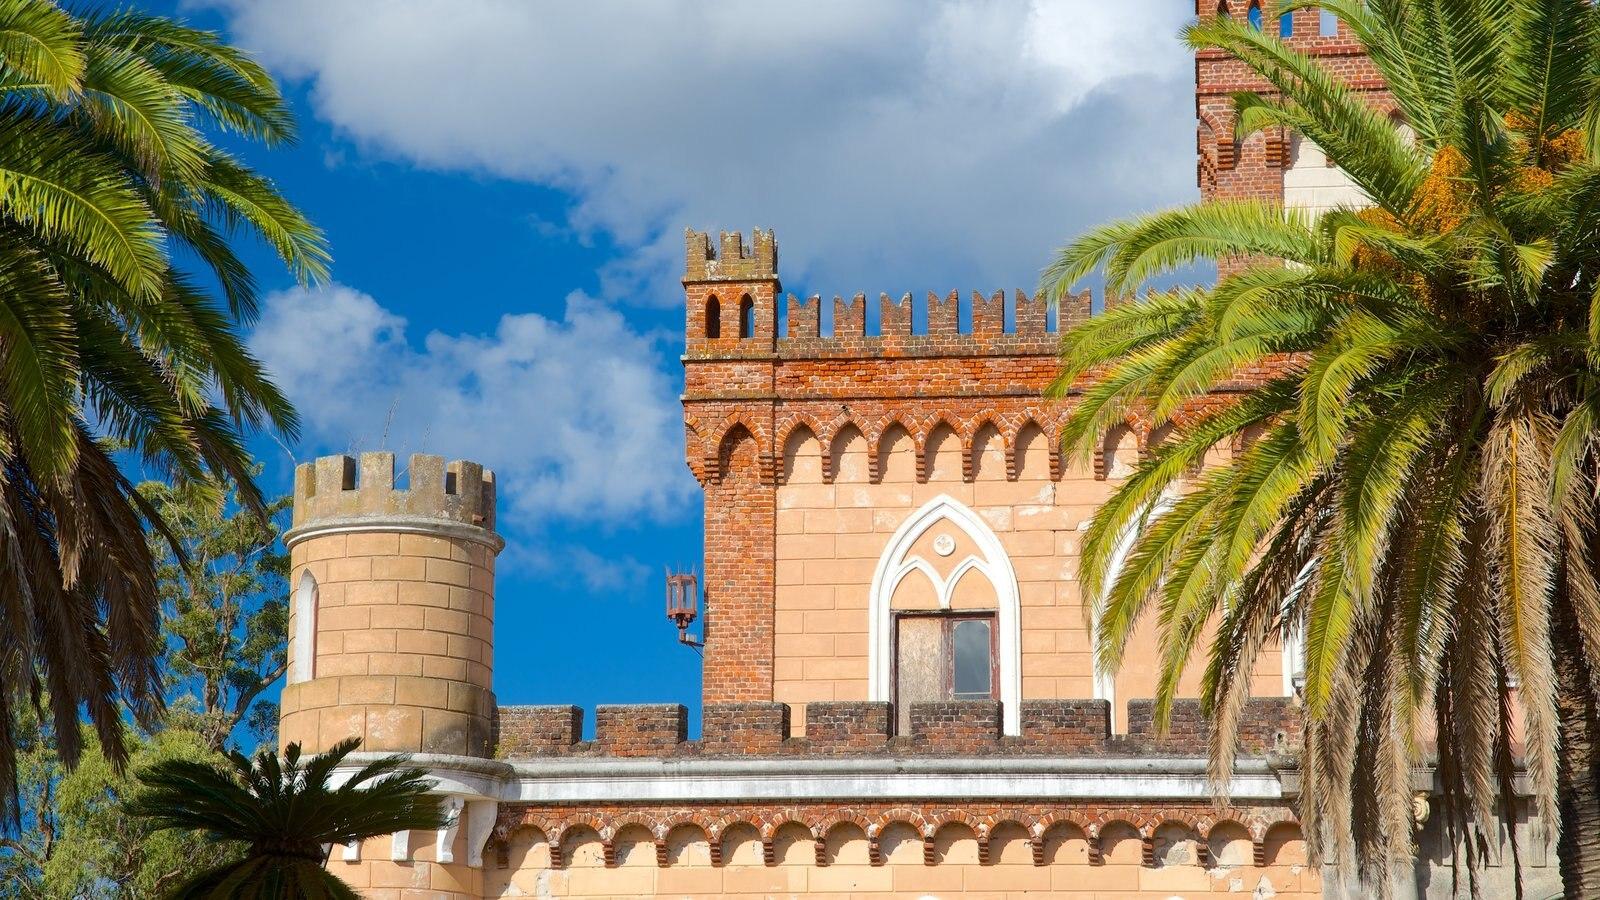 Piriápolis caracterizando arquitetura de patrimônio e um pequeno castelo ou palácio